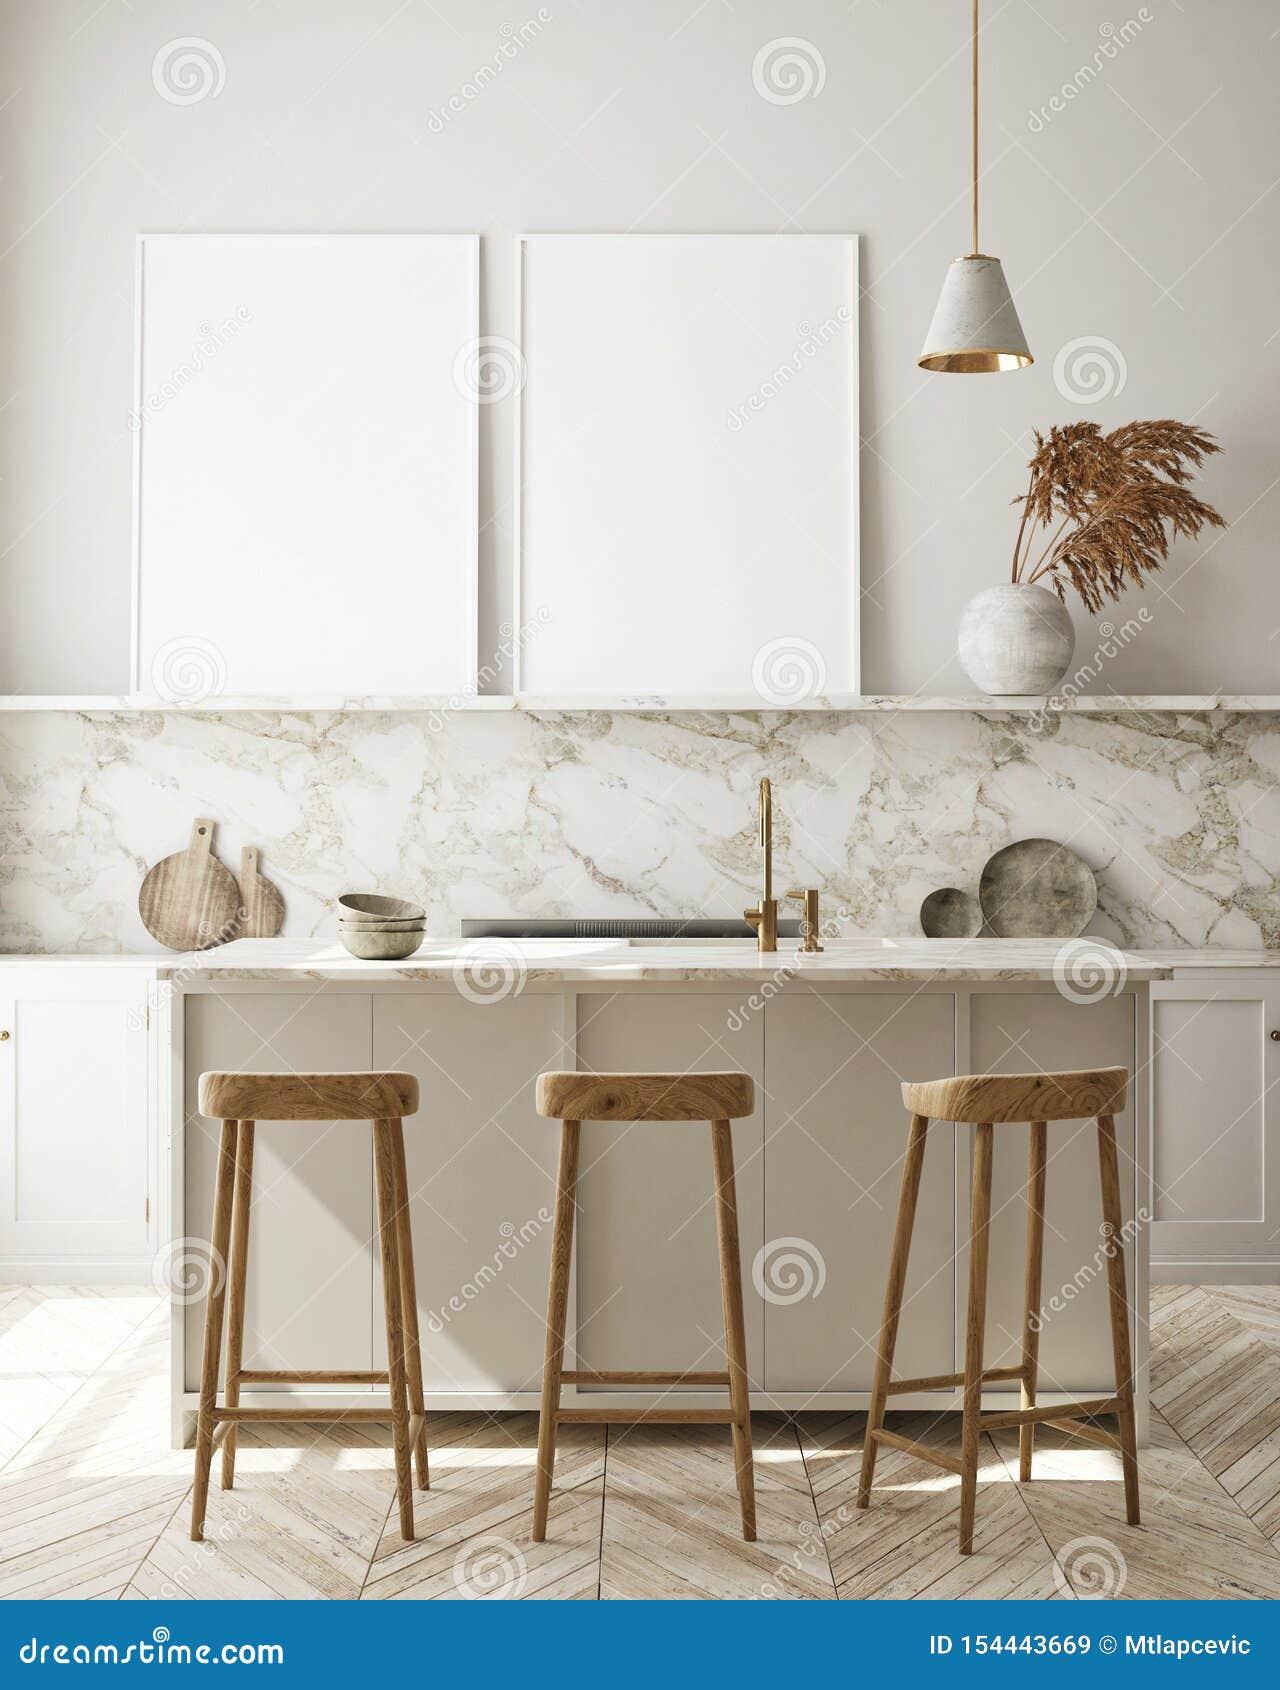 假装海报框架在现代内部背景,厨房,斯堪的纳维亚样式,3D中回报